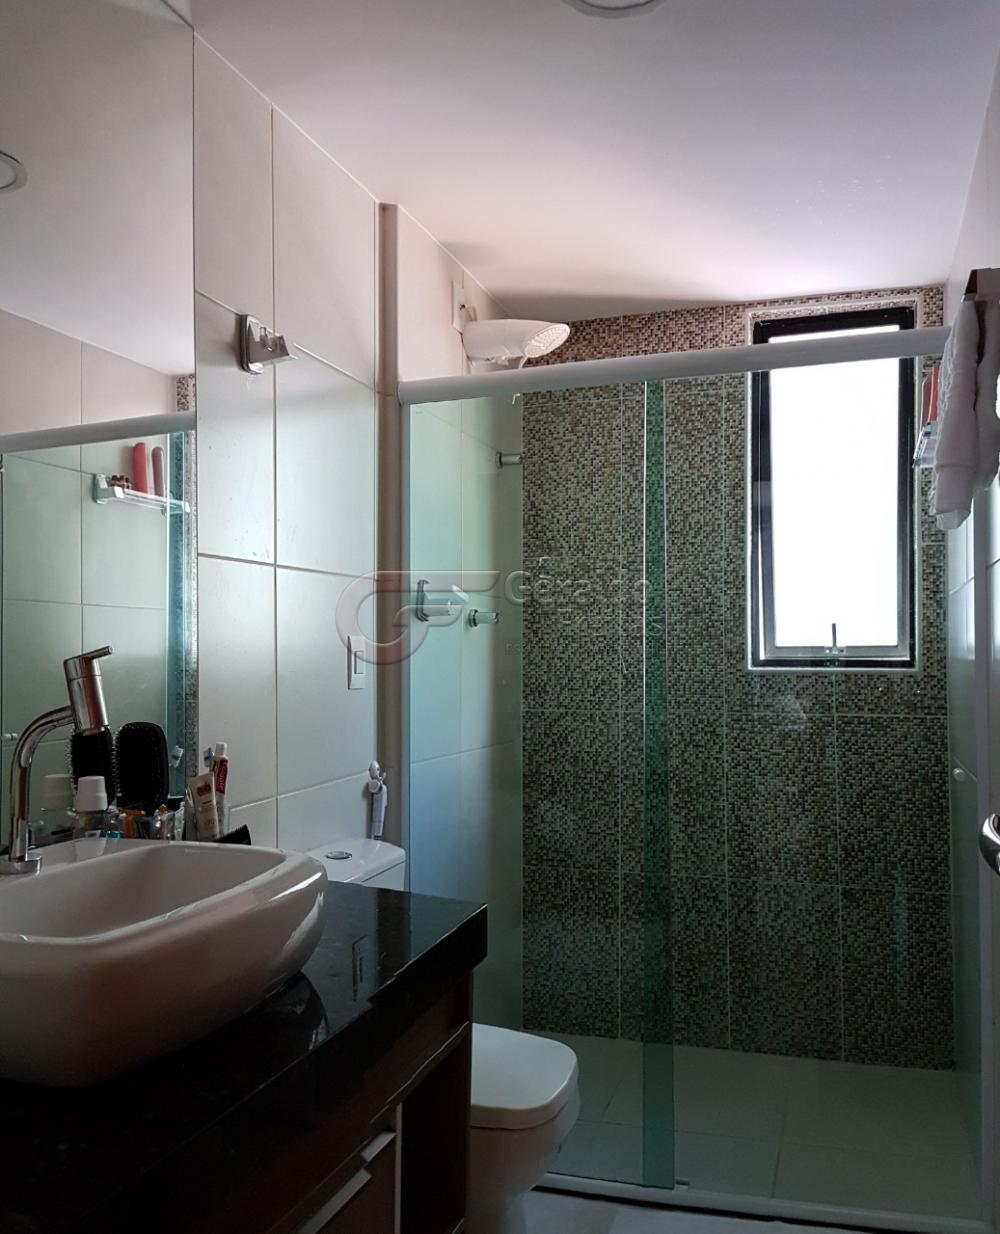 Comprar Apartamentos / 03 quartos em Maceió apenas R$ 490.000,00 - Foto 4